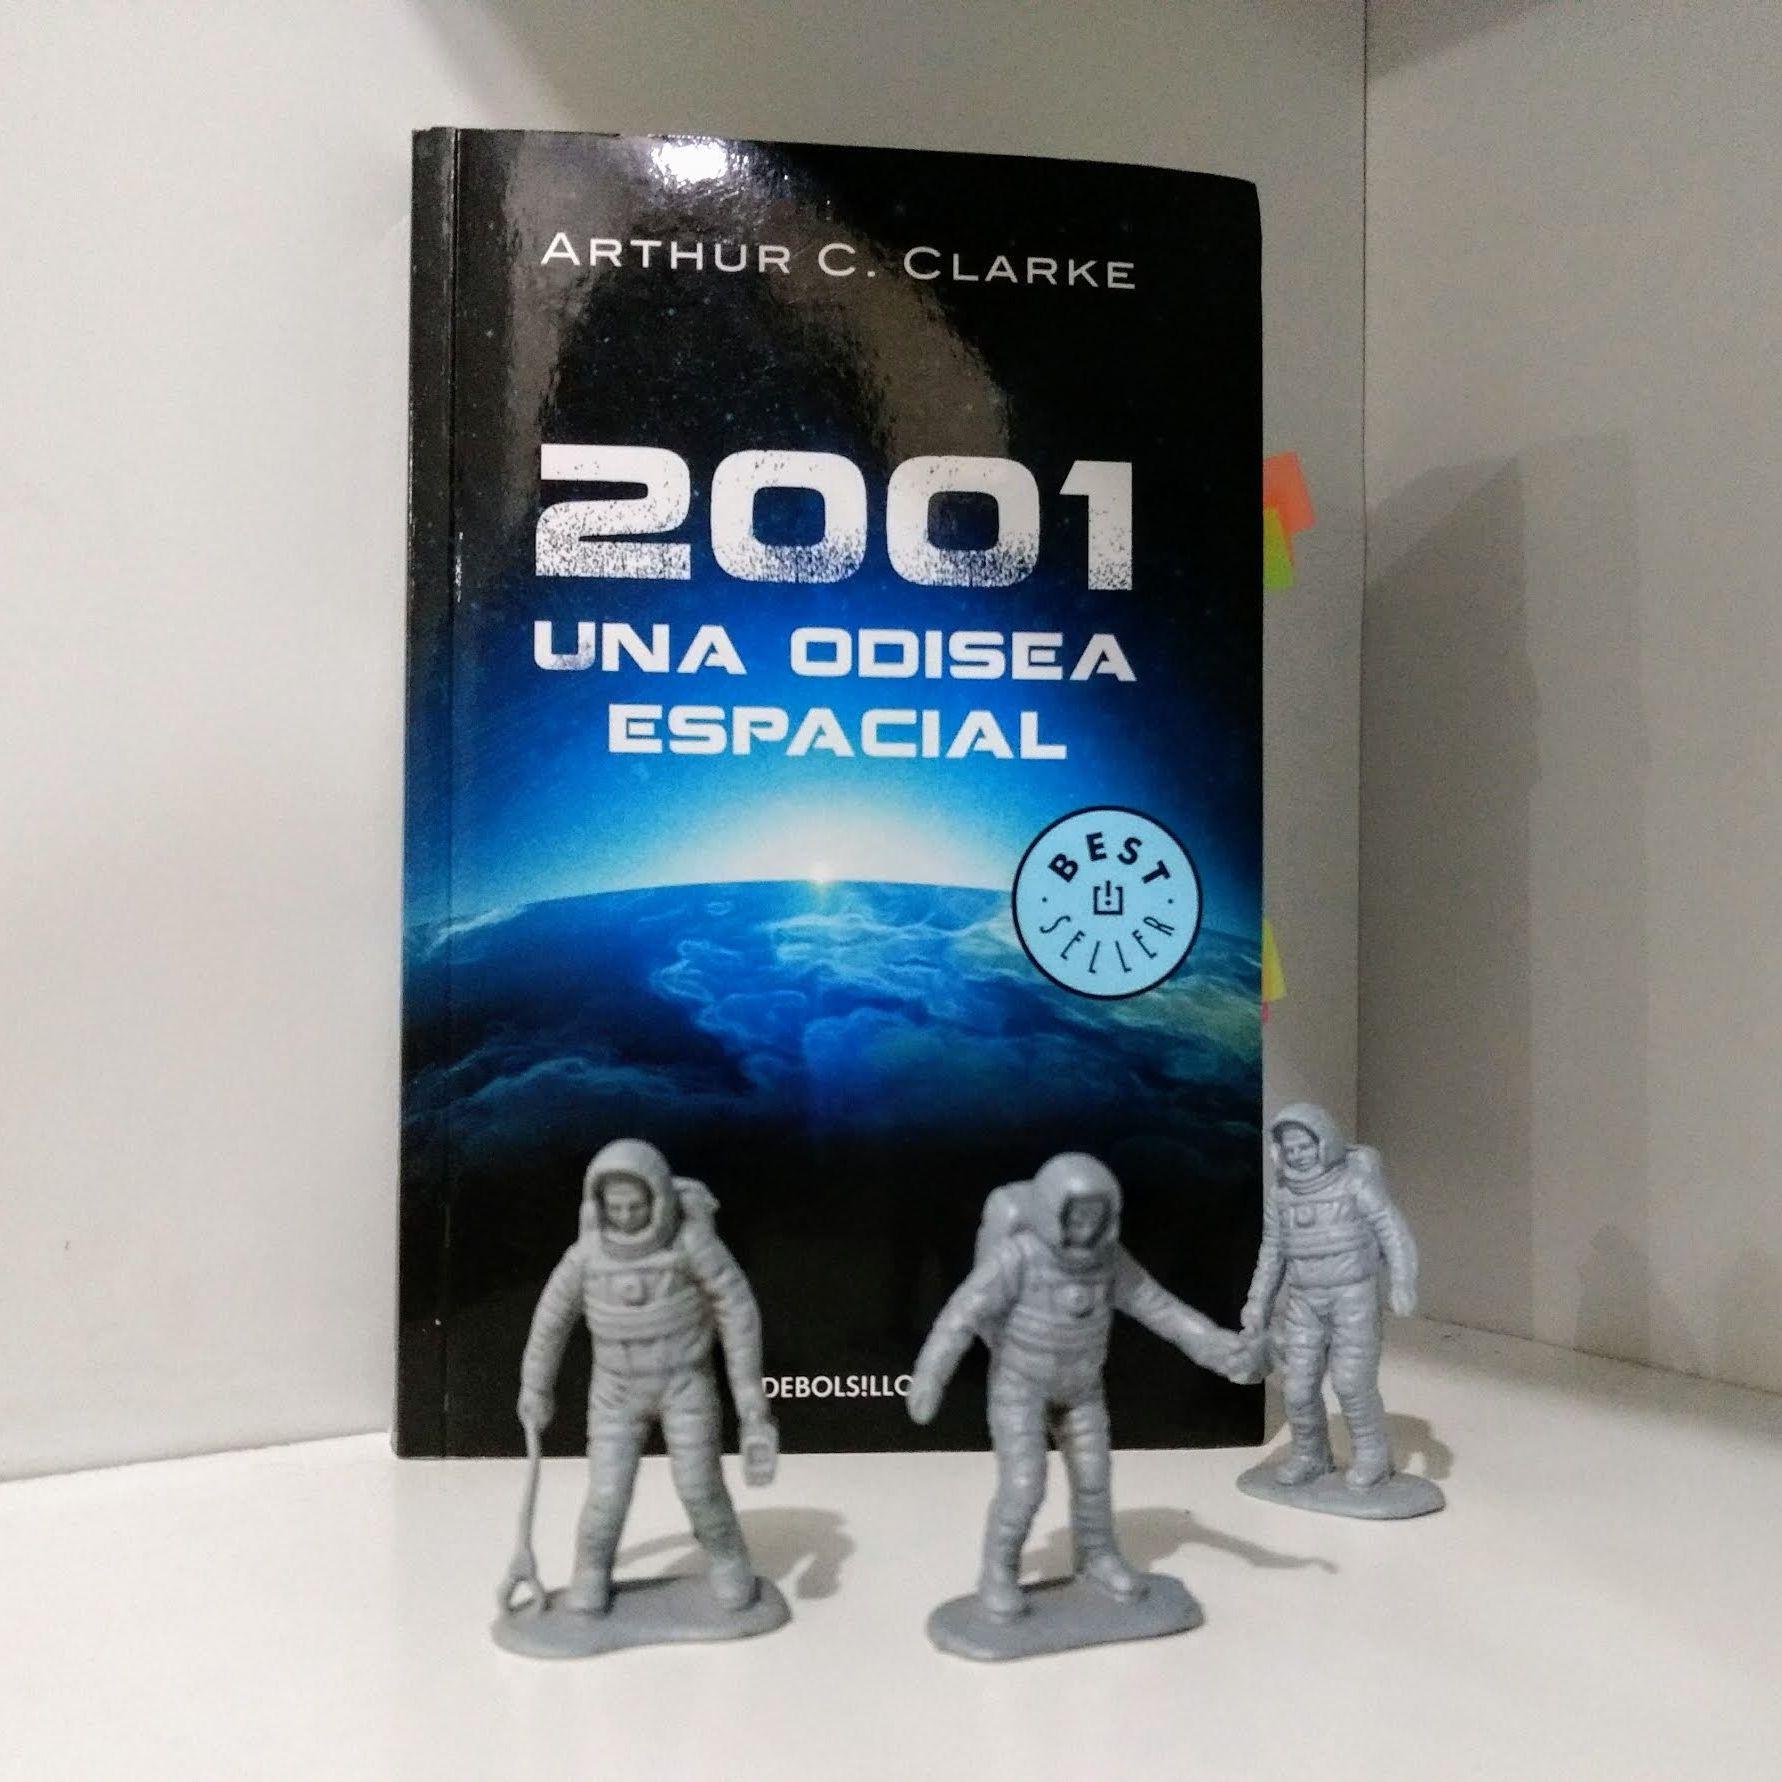 S01E15 - 2001: Una Odisea Espacial de Arthur C. Clarke con Francisco Ortega